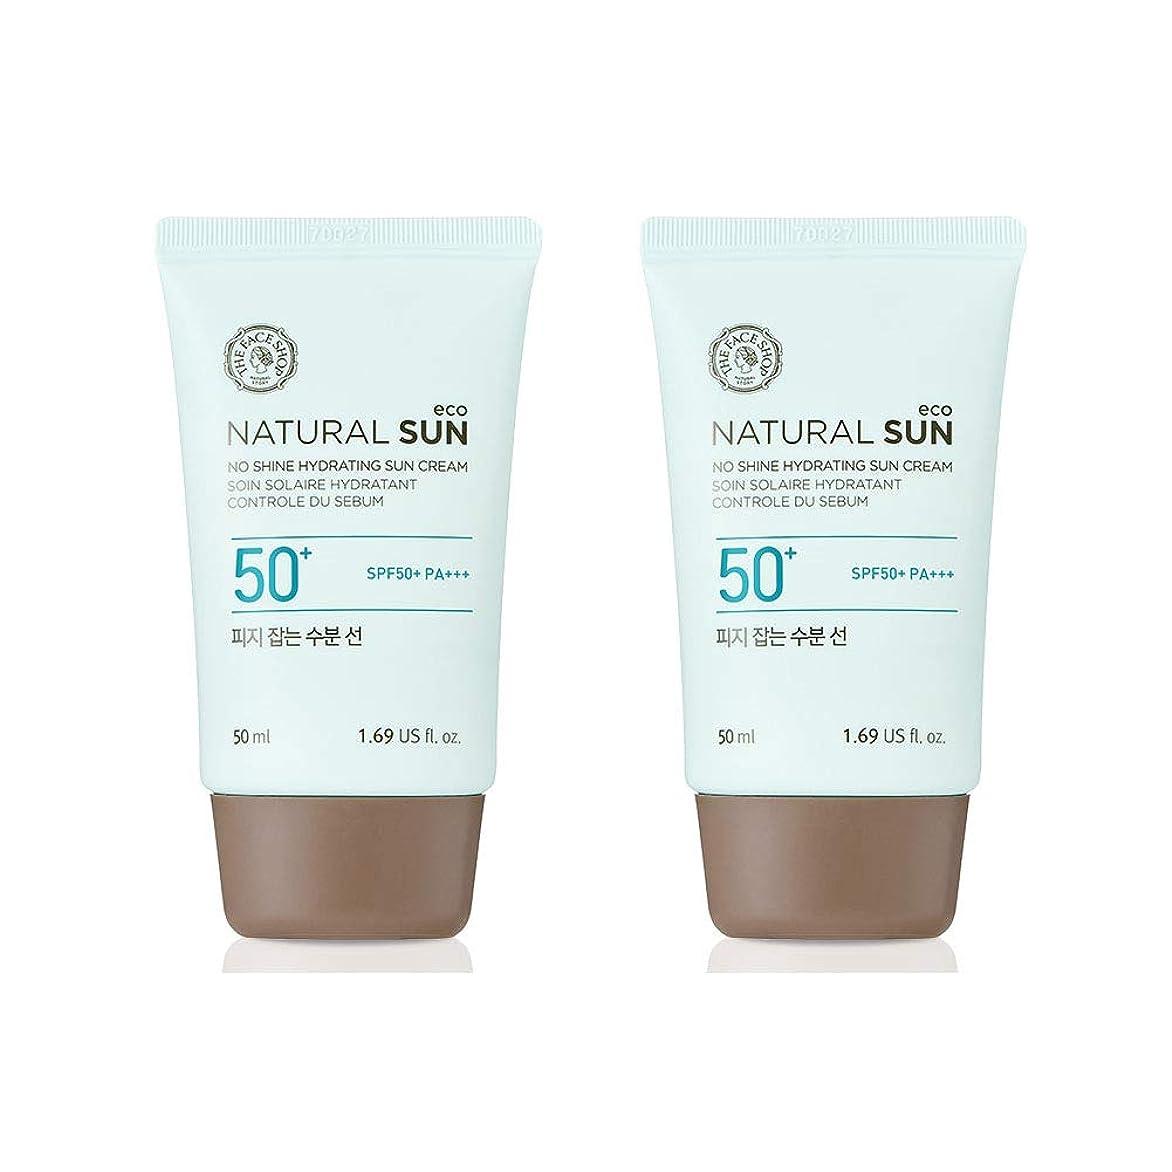 残基ユーモアハブザ?フェイスショップネチュロルソンエコフィジーサン?クリームSPF50+PA+++50ml x 2本セット韓国コスメ、The Face Shop Natural Sun Eco No Shine Hydrating Sun Cream SPF50+ PA+++ 50ml x 2ea Set Korean Cosmetics [並行輸入品]